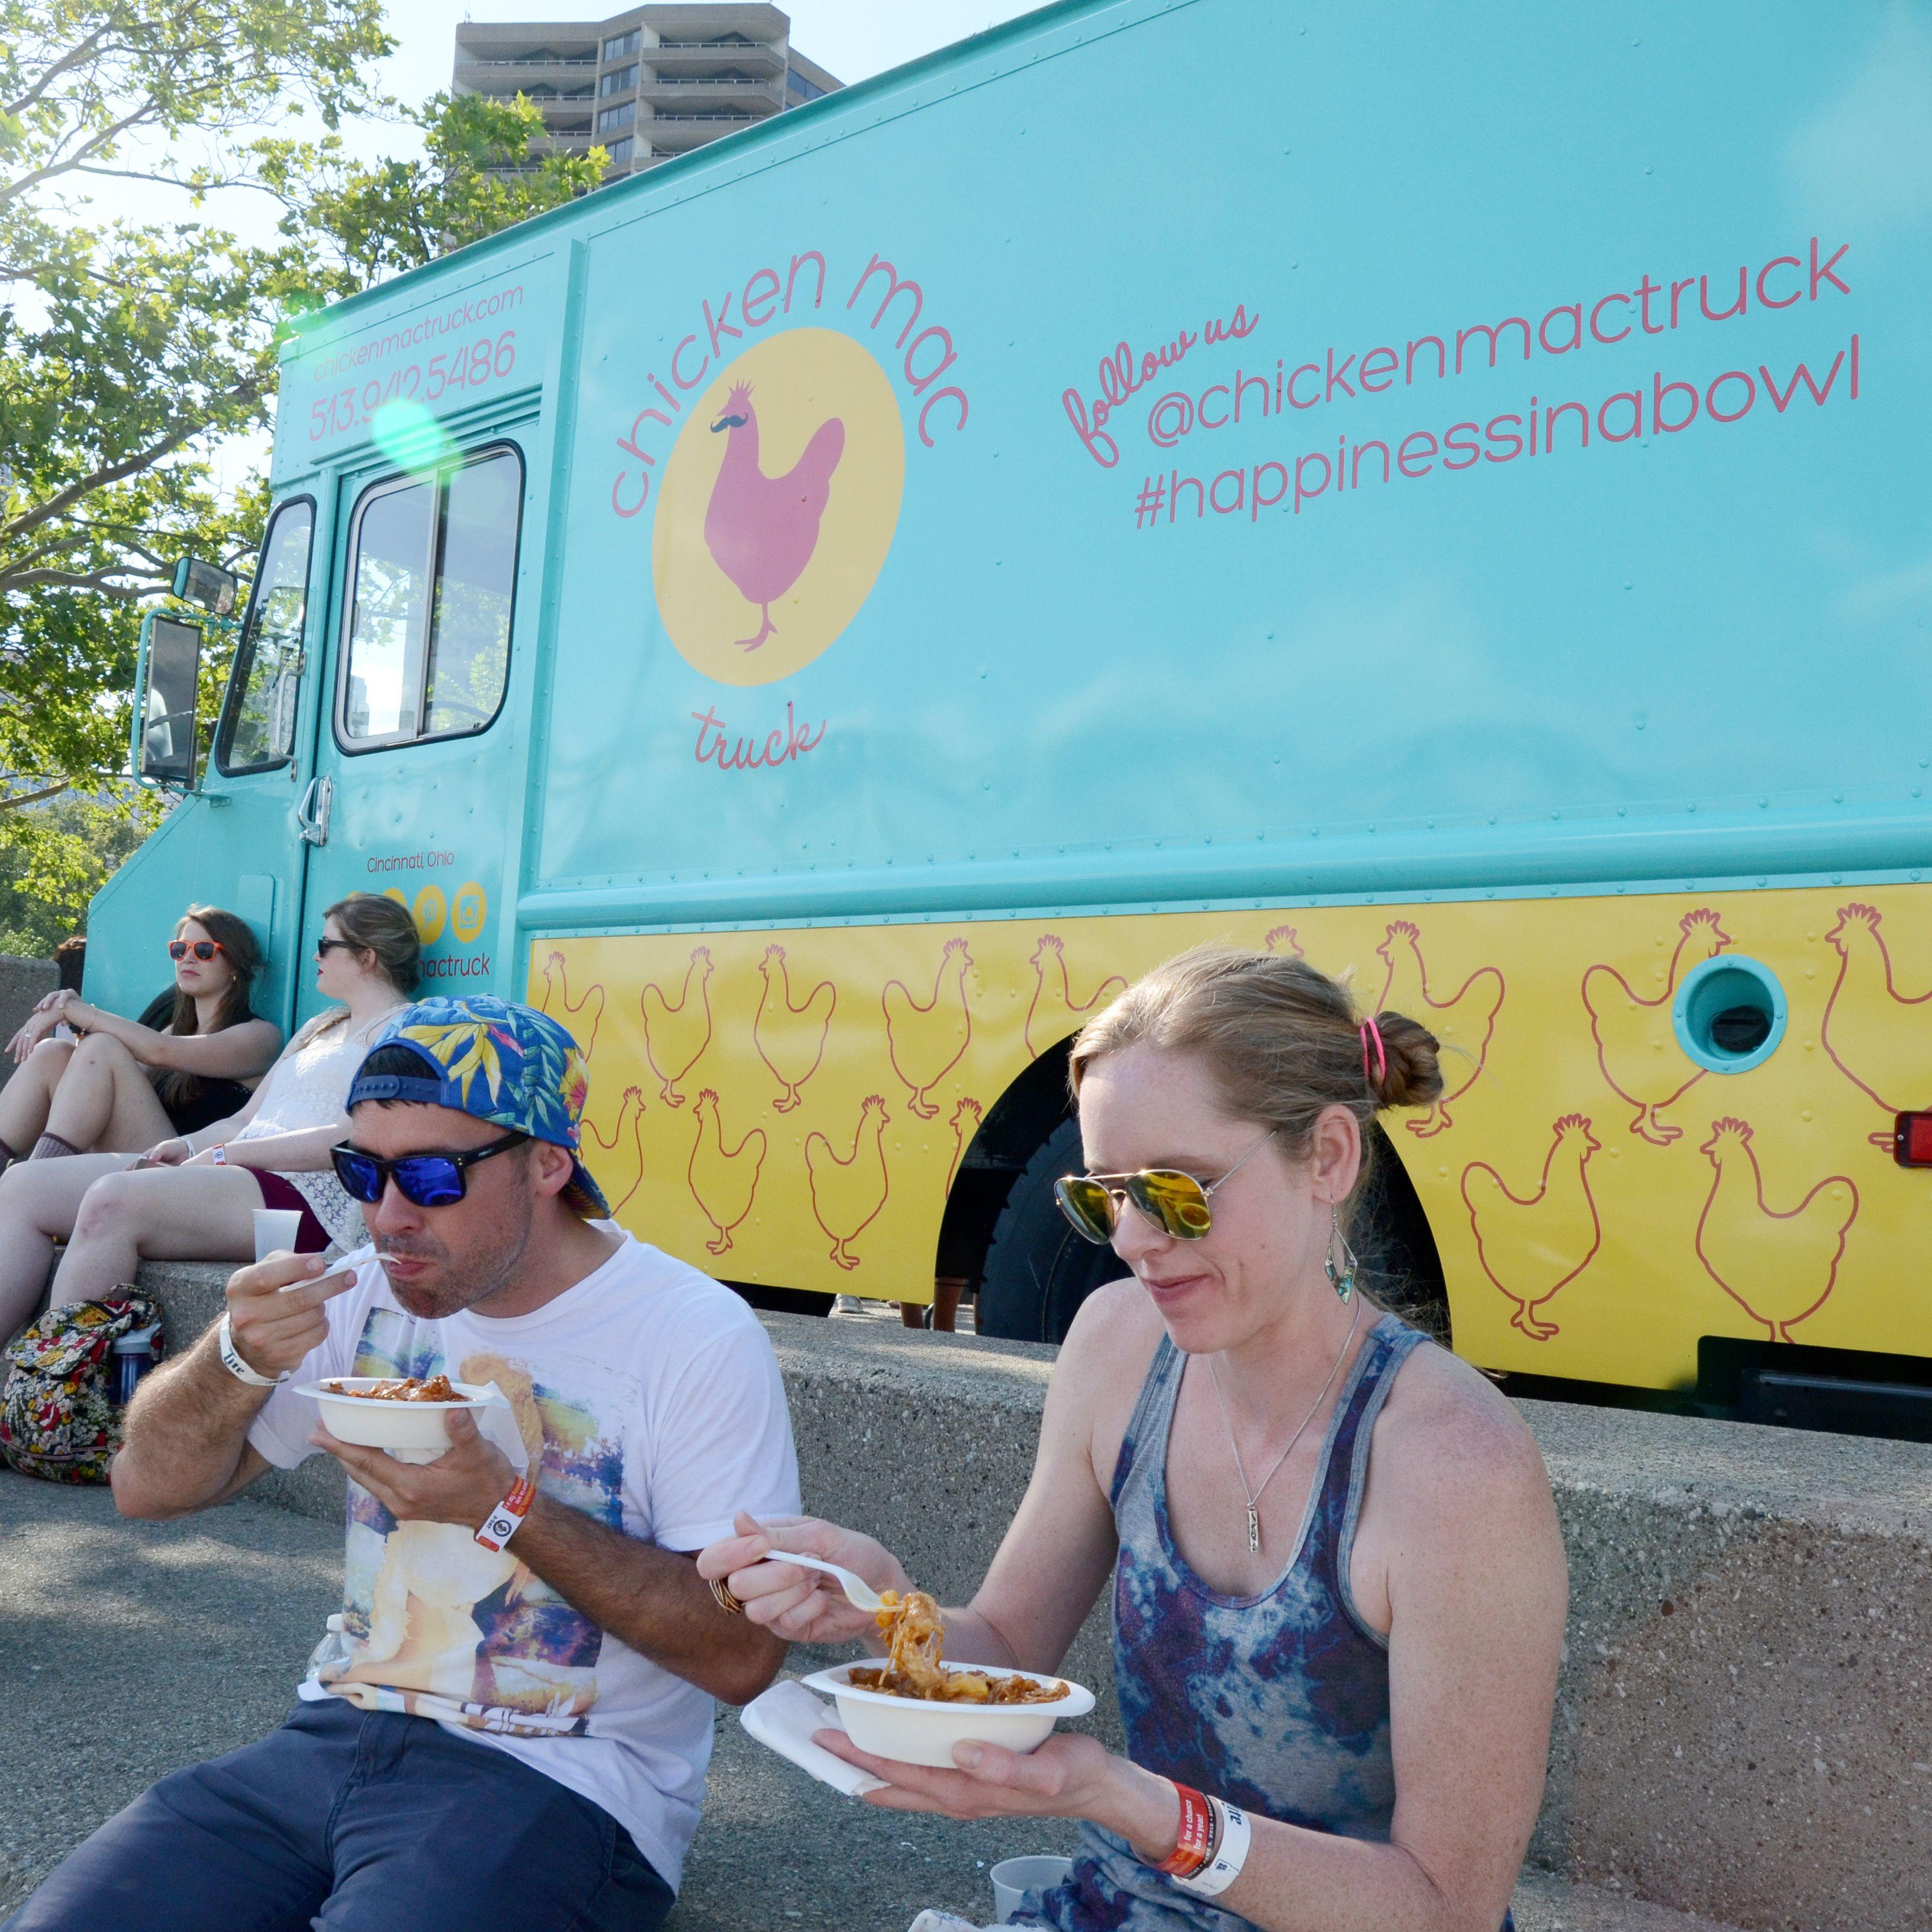 Chicken mac truck foodtruck cincinnati food truck